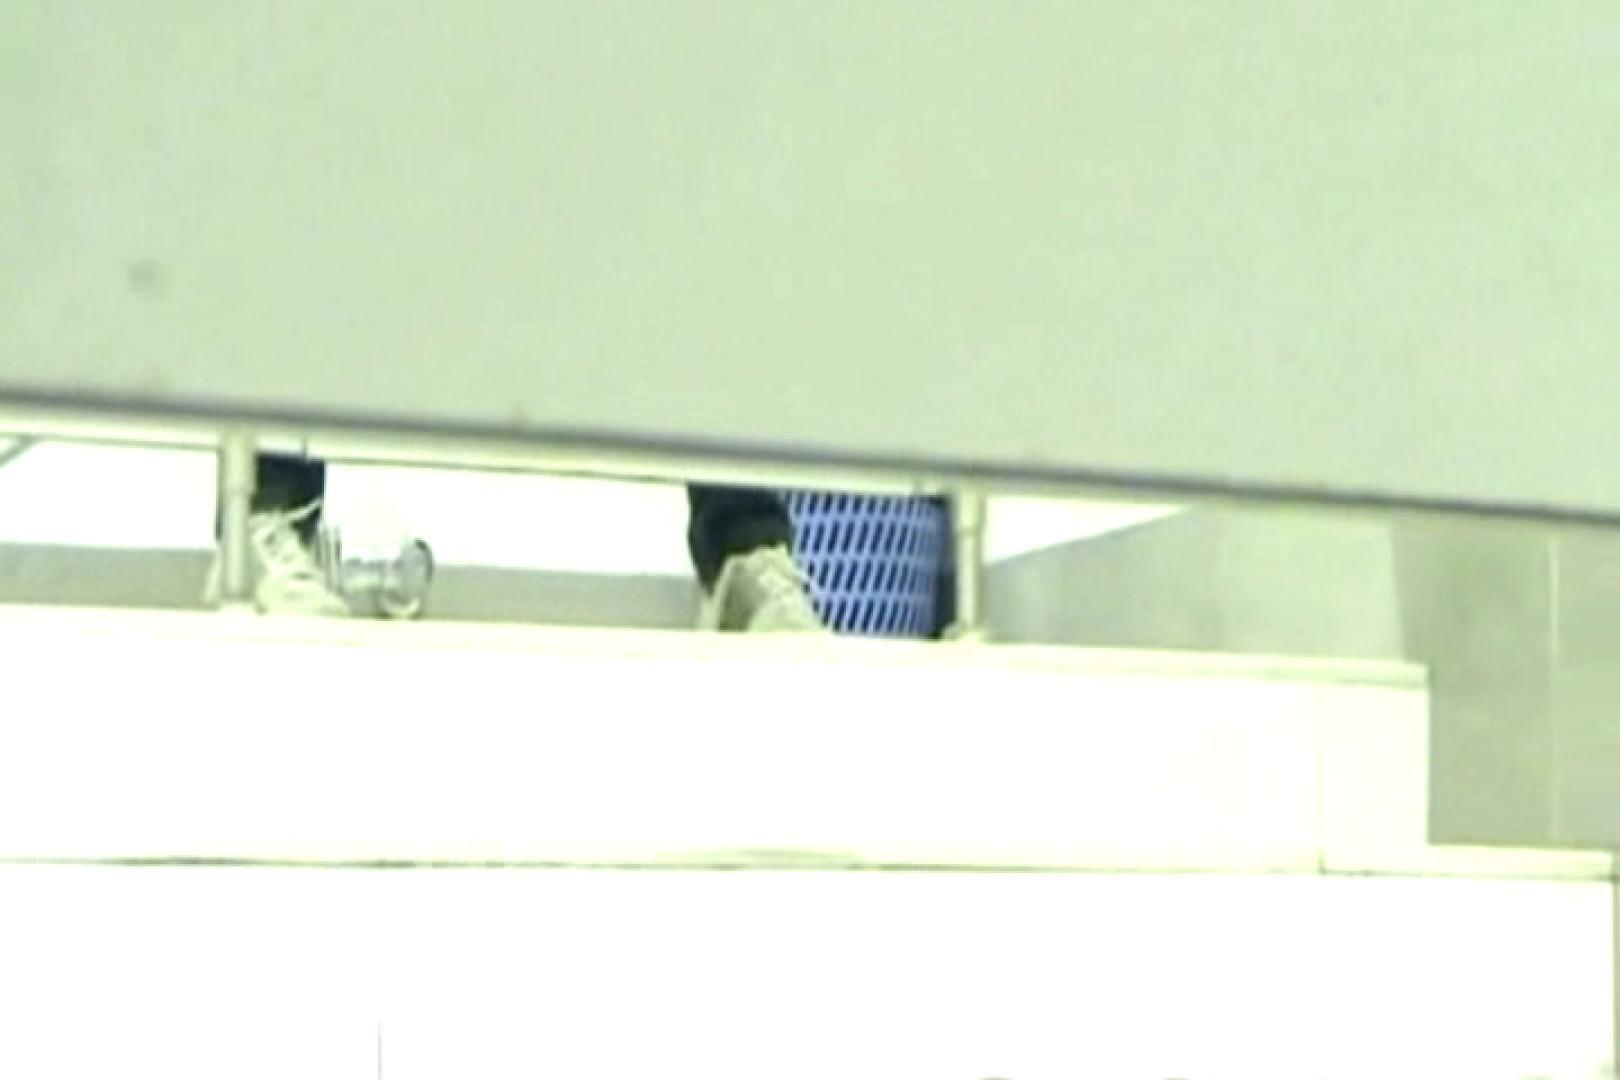 ぼっとん洗面所スペシャルVol.2 洗面所突入 | マンコ・ムレムレ  106pic 81